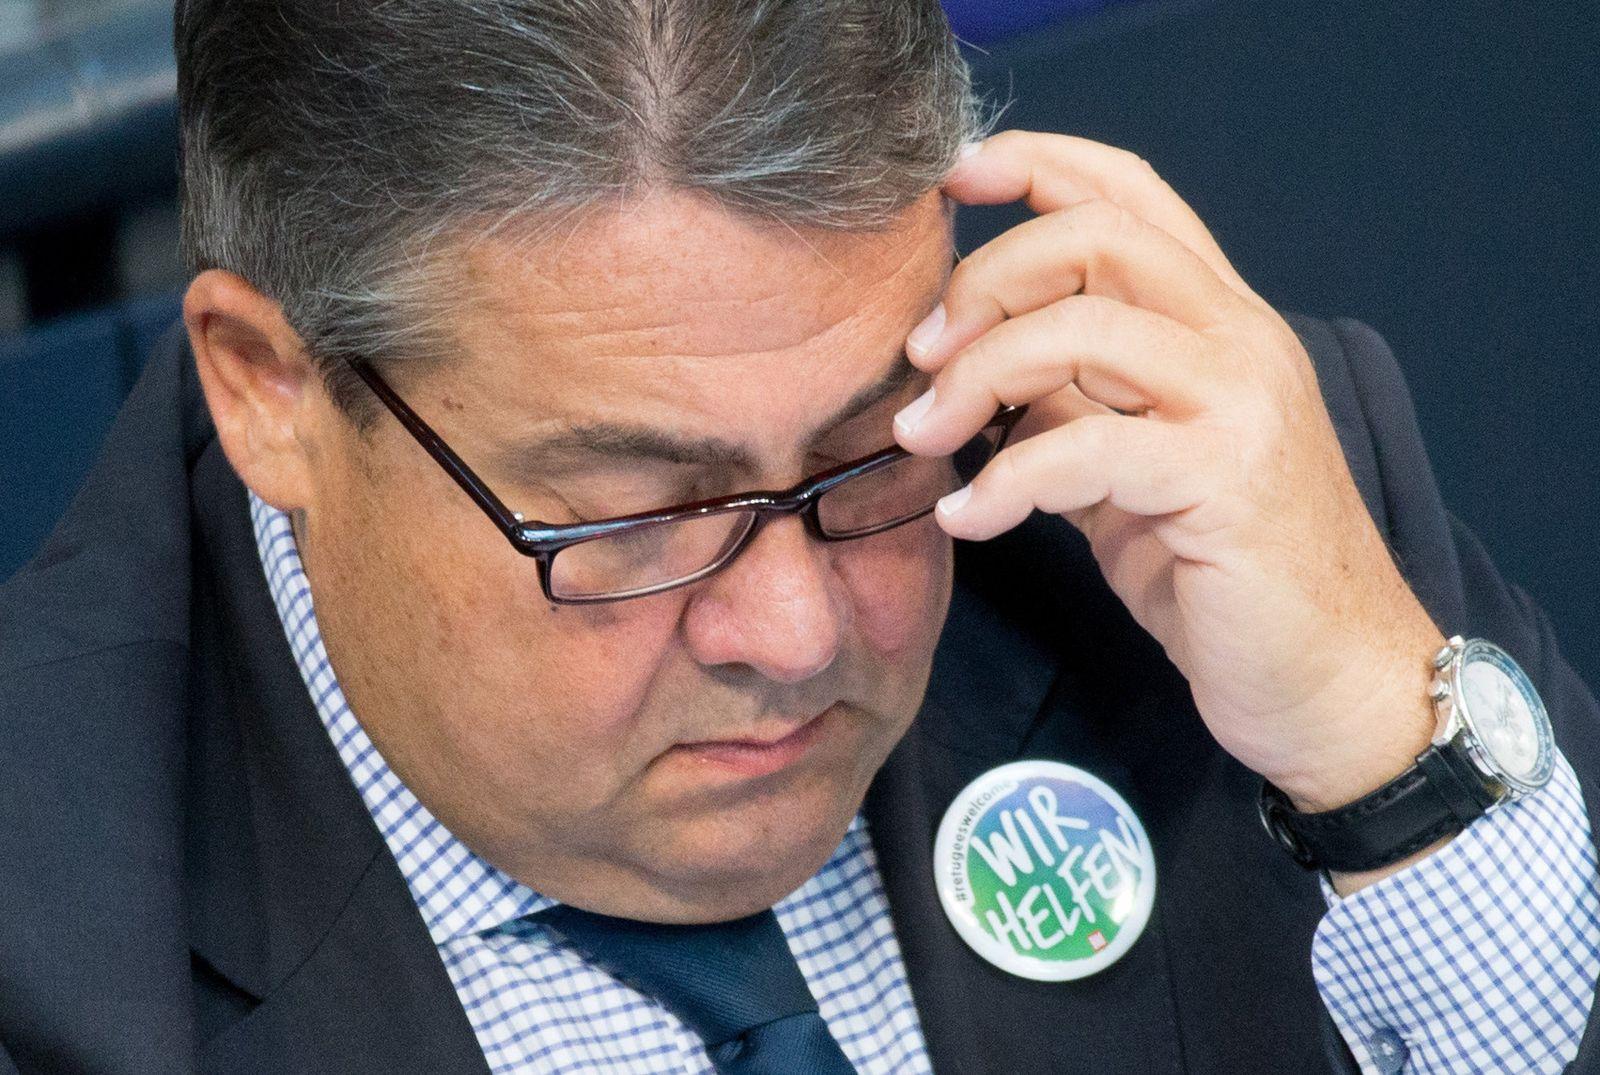 NUR FÜR SPAM Bundestag - Haushalt